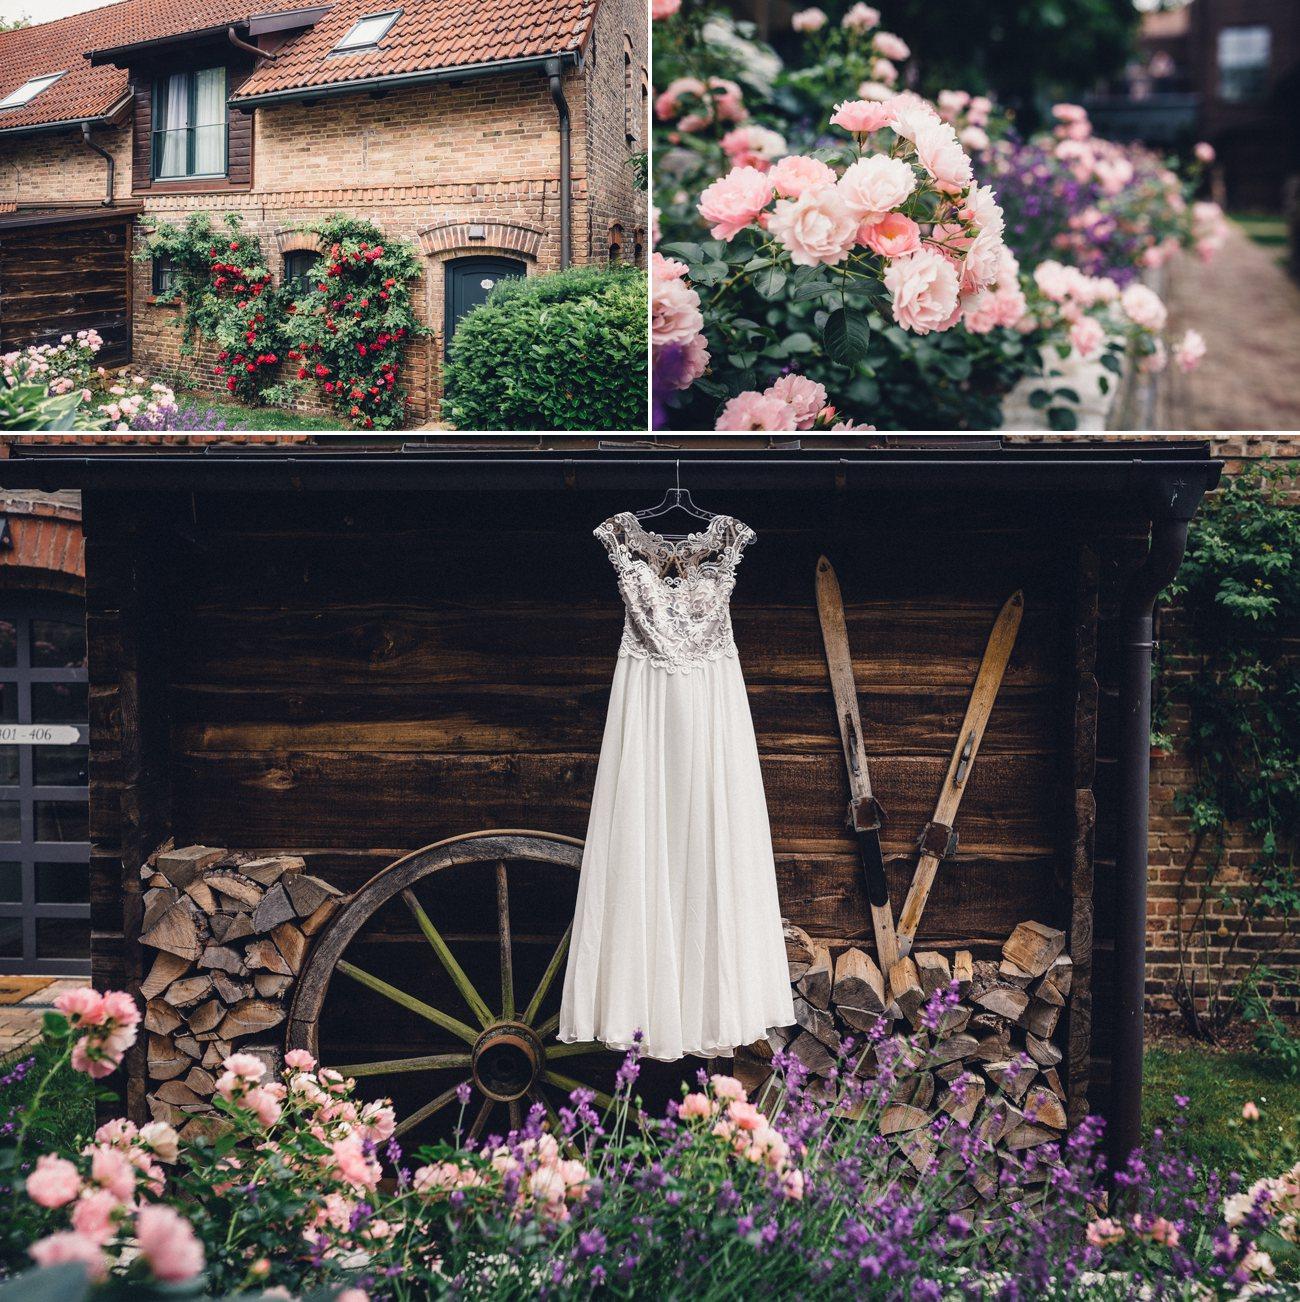 Spreewaldhochzeit_Hochzeitsfotograf_Schlepzig 1